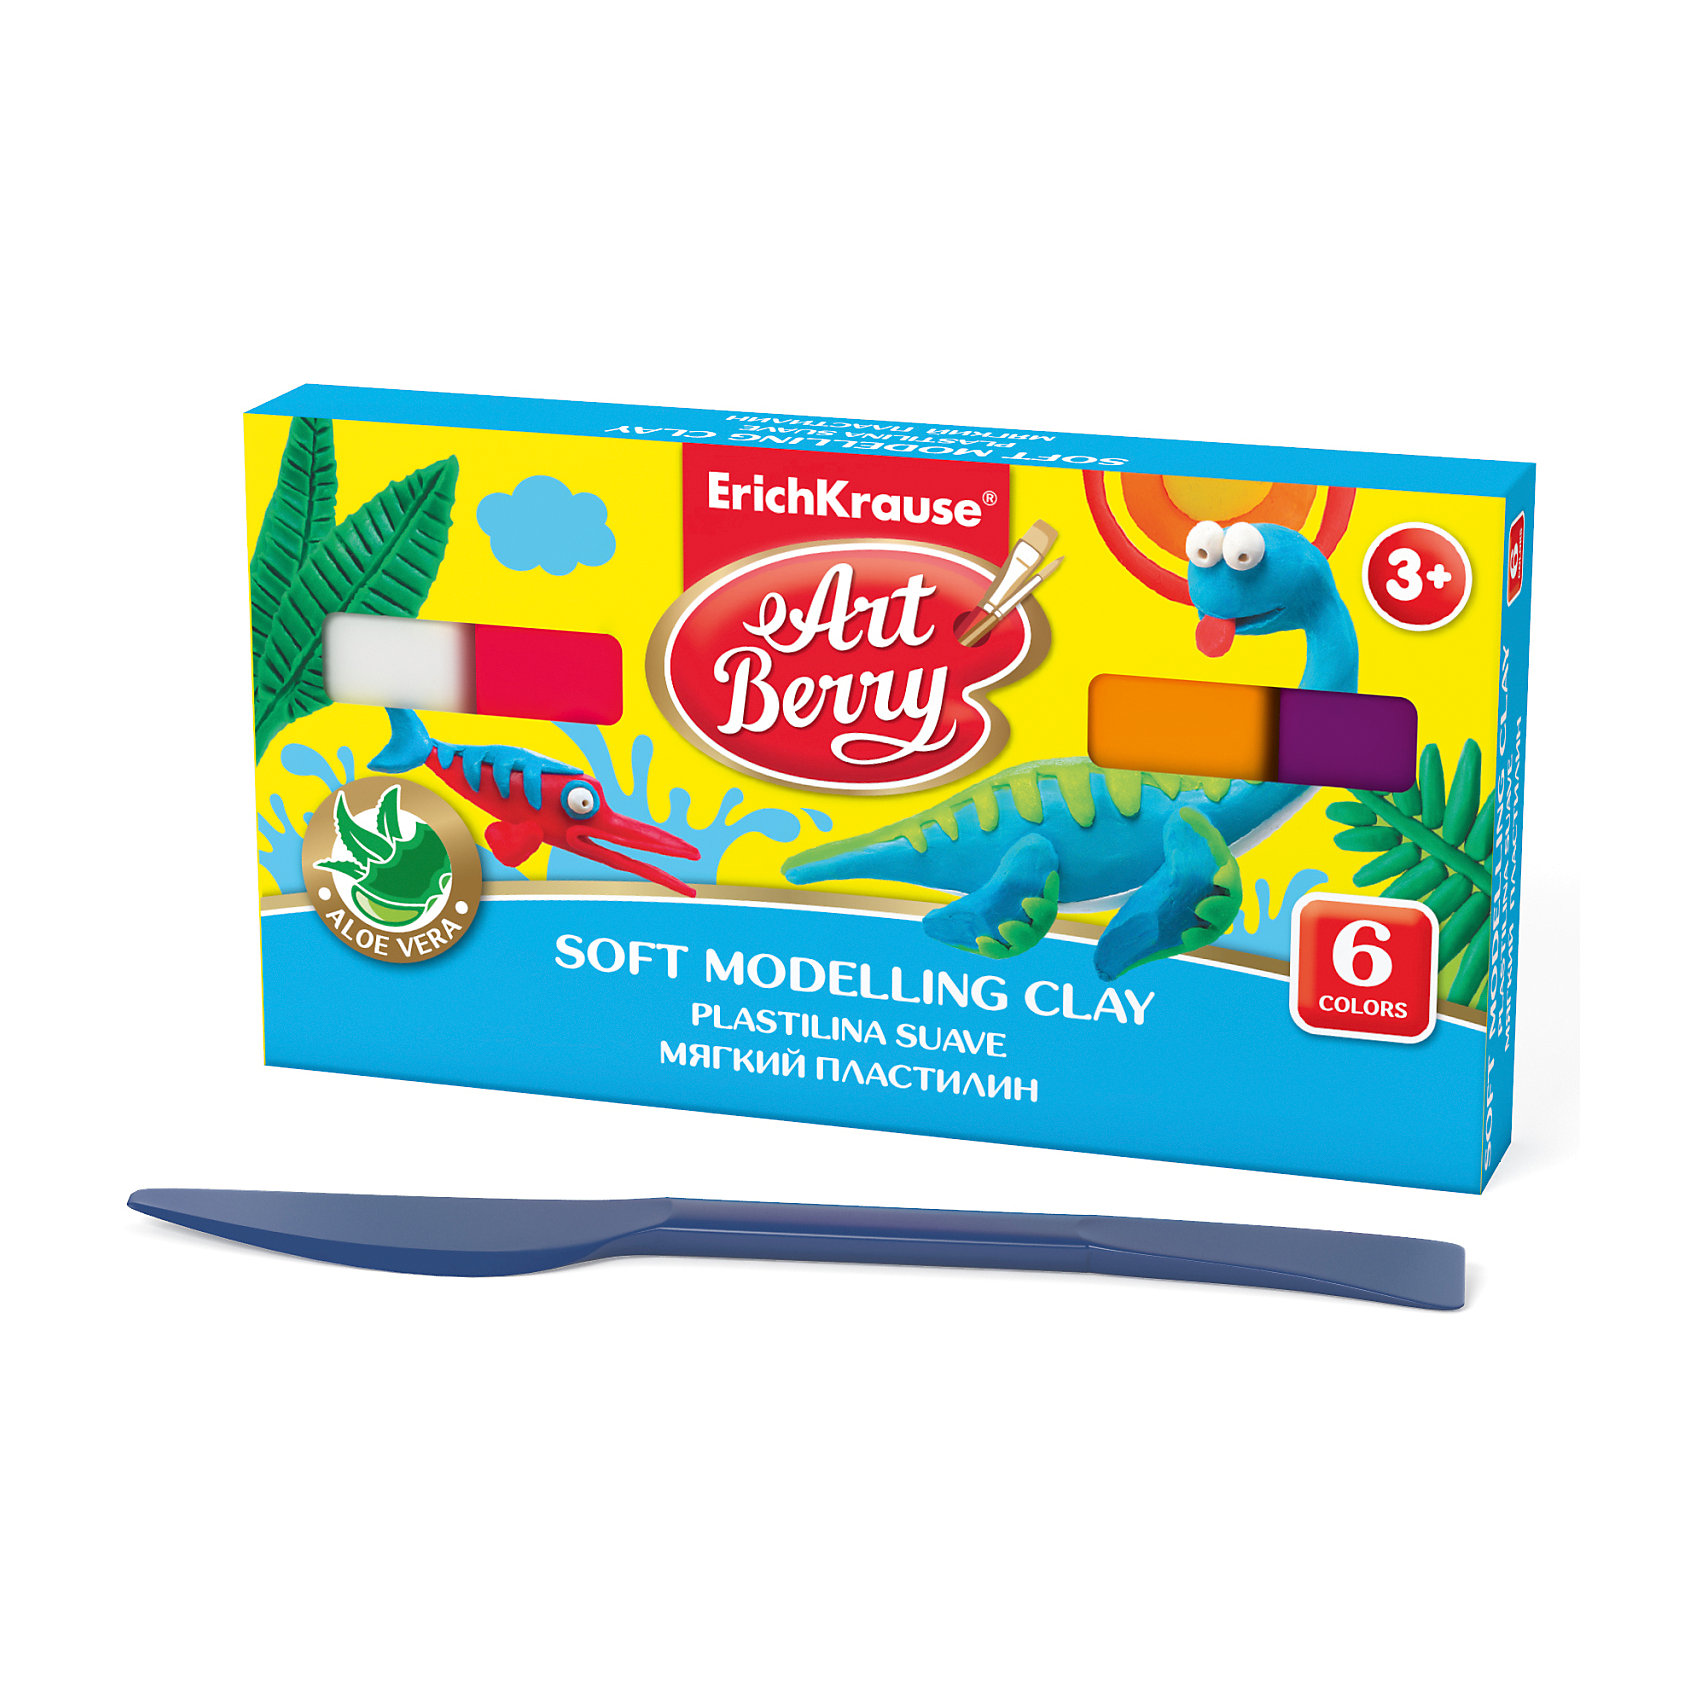 Мягкий пластилин ArtBerry с Алоэ Вера, 6 цветов, 120гРисование и лепка<br>Характеристики товара:<br><br>• материал упаковки: картон<br>• в комплект входит: пластилин, стек<br>• количество цветов: 6<br>• возраст: от 3 лет<br>• габариты упаковки: 13,5х11х1,8 см<br>• вес: 139 г<br>• страна производитель: Россия<br><br>Мягкий пластилин изготовлен с введением в состав Алоэ Вера. Благодаря этому параметру пластилин не сушит детскую кожу, а наоборот, бережно ухаживает за поверхностью ручек малыша. Сам пластилин отлично лепится и застывает на воздухе через 12 часов.<br><br>Мягкий пластилин ArtBerry с Алоэ Вера, 6 цветов/120г, коробка, со стеком можно купить в нашем интернет-магазине.<br><br>Ширина мм: 135<br>Глубина мм: 110<br>Высота мм: 18<br>Вес г: 139<br>Возраст от месяцев: 36<br>Возраст до месяцев: 2147483647<br>Пол: Унисекс<br>Возраст: Детский<br>SKU: 5409311